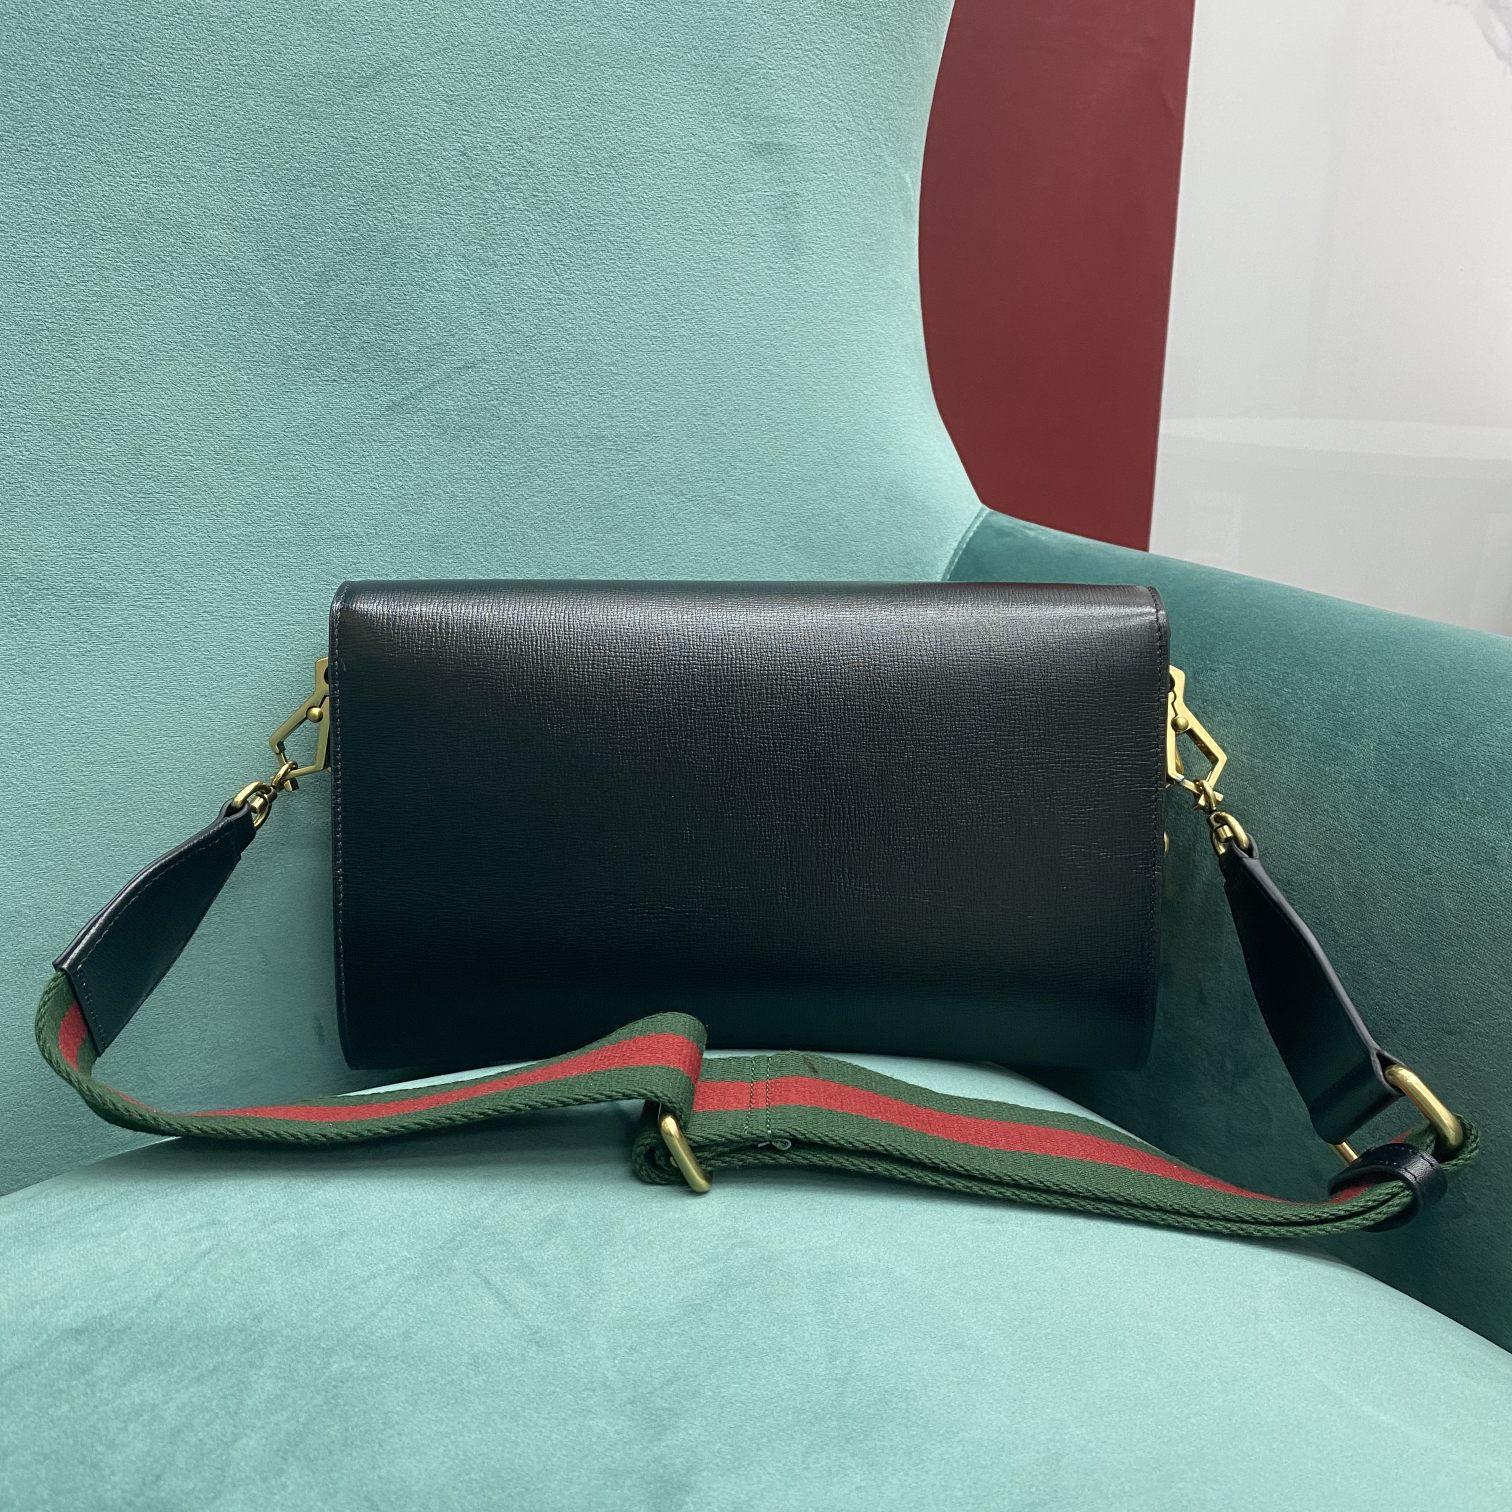 【P1050】Gucci包包价格 古驰新款677286黑色1955信封包手包多用女包